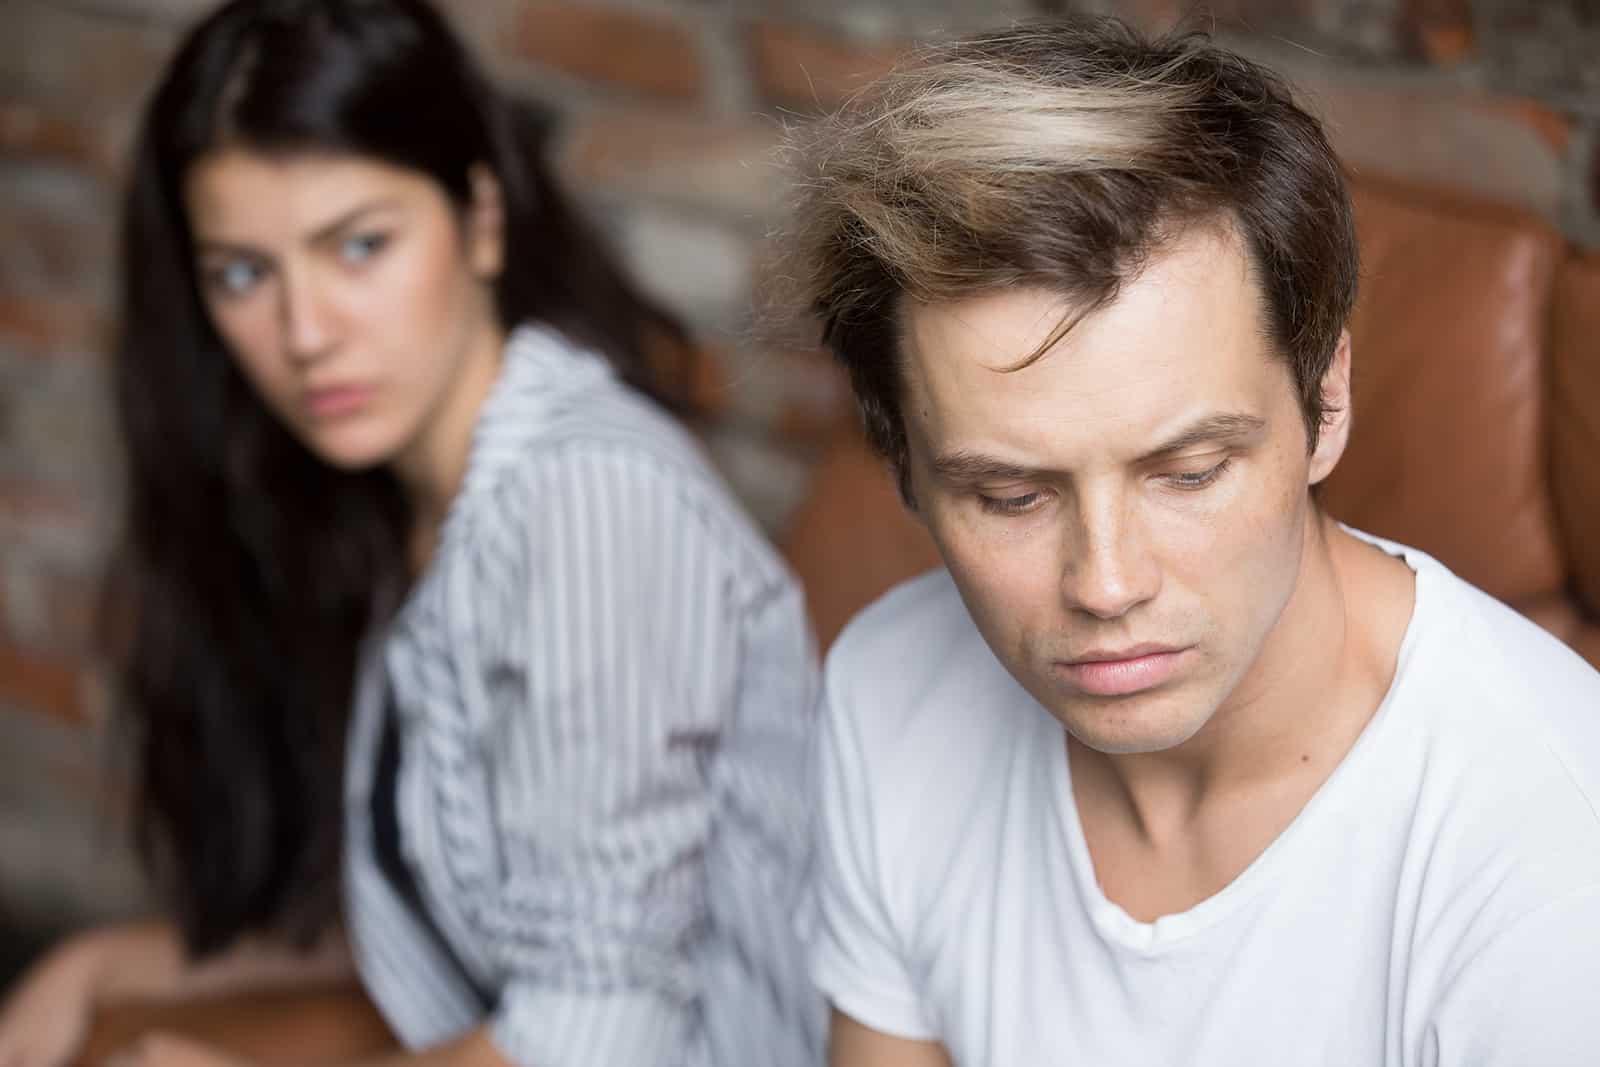 Ein verärgerter Mann drehte den Kopf von einer Frau, während er neben ihr saß